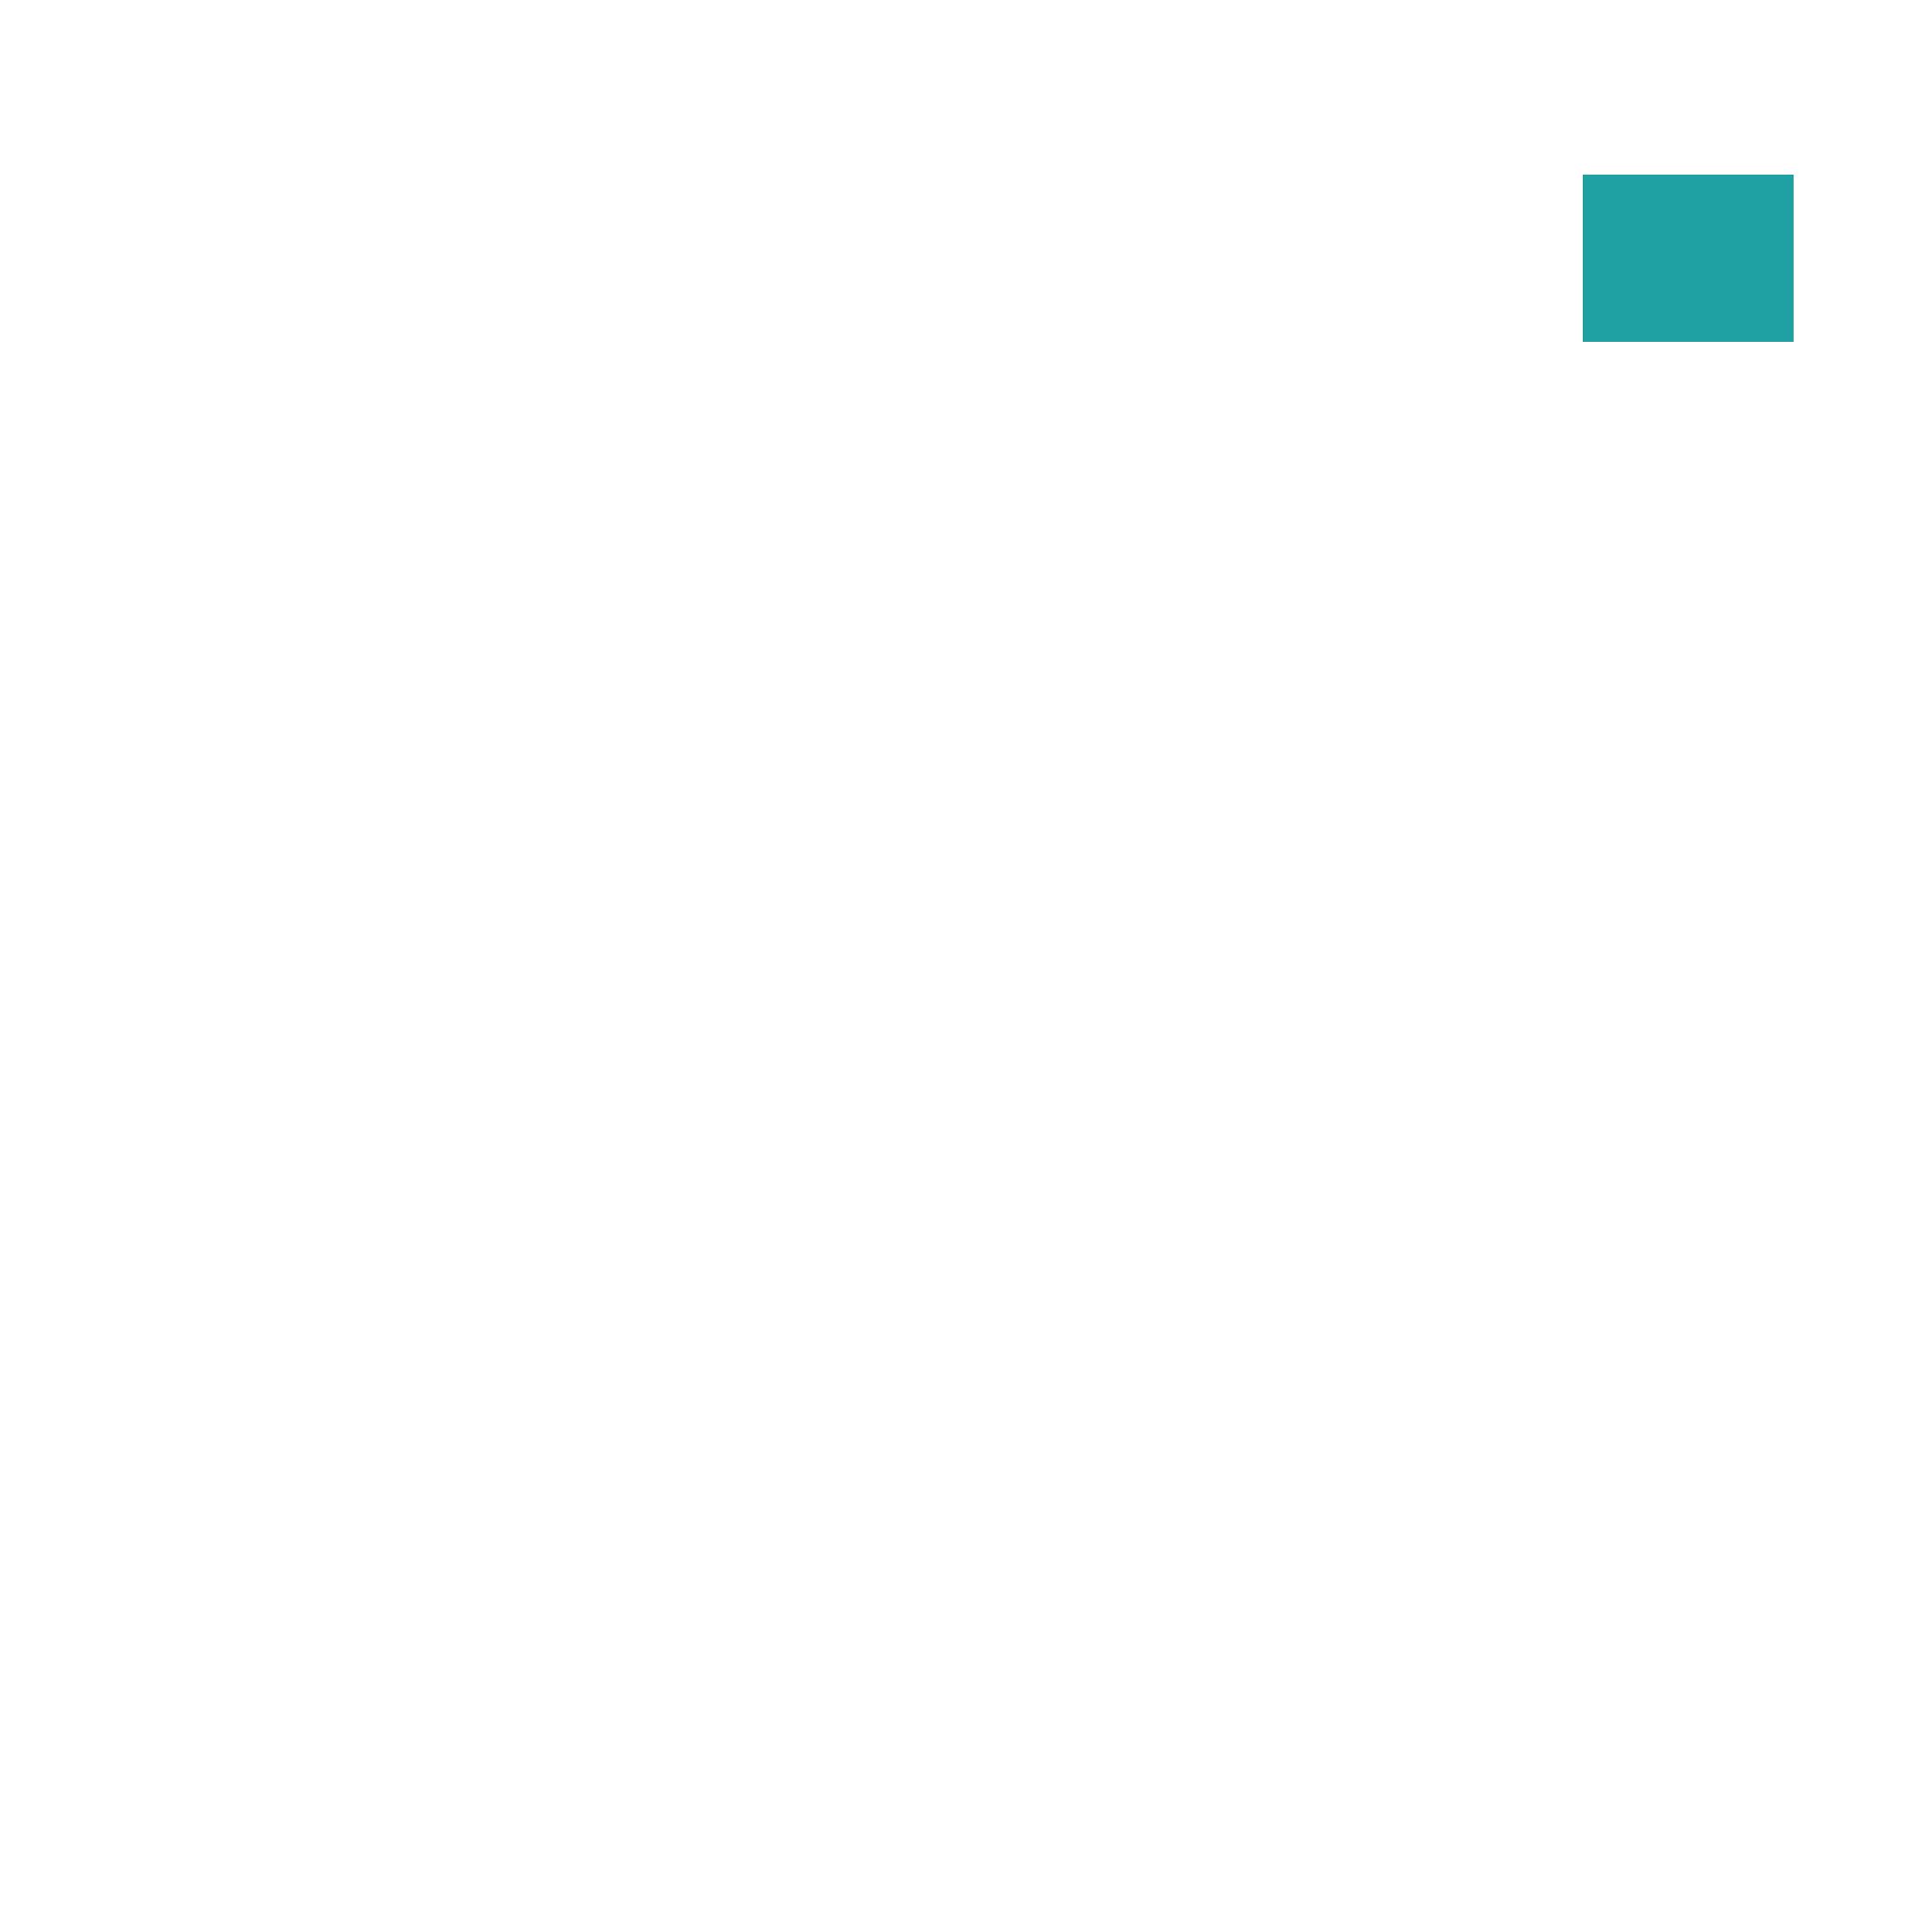 OEI – Organizaciones Emocionalmente Inteligentes